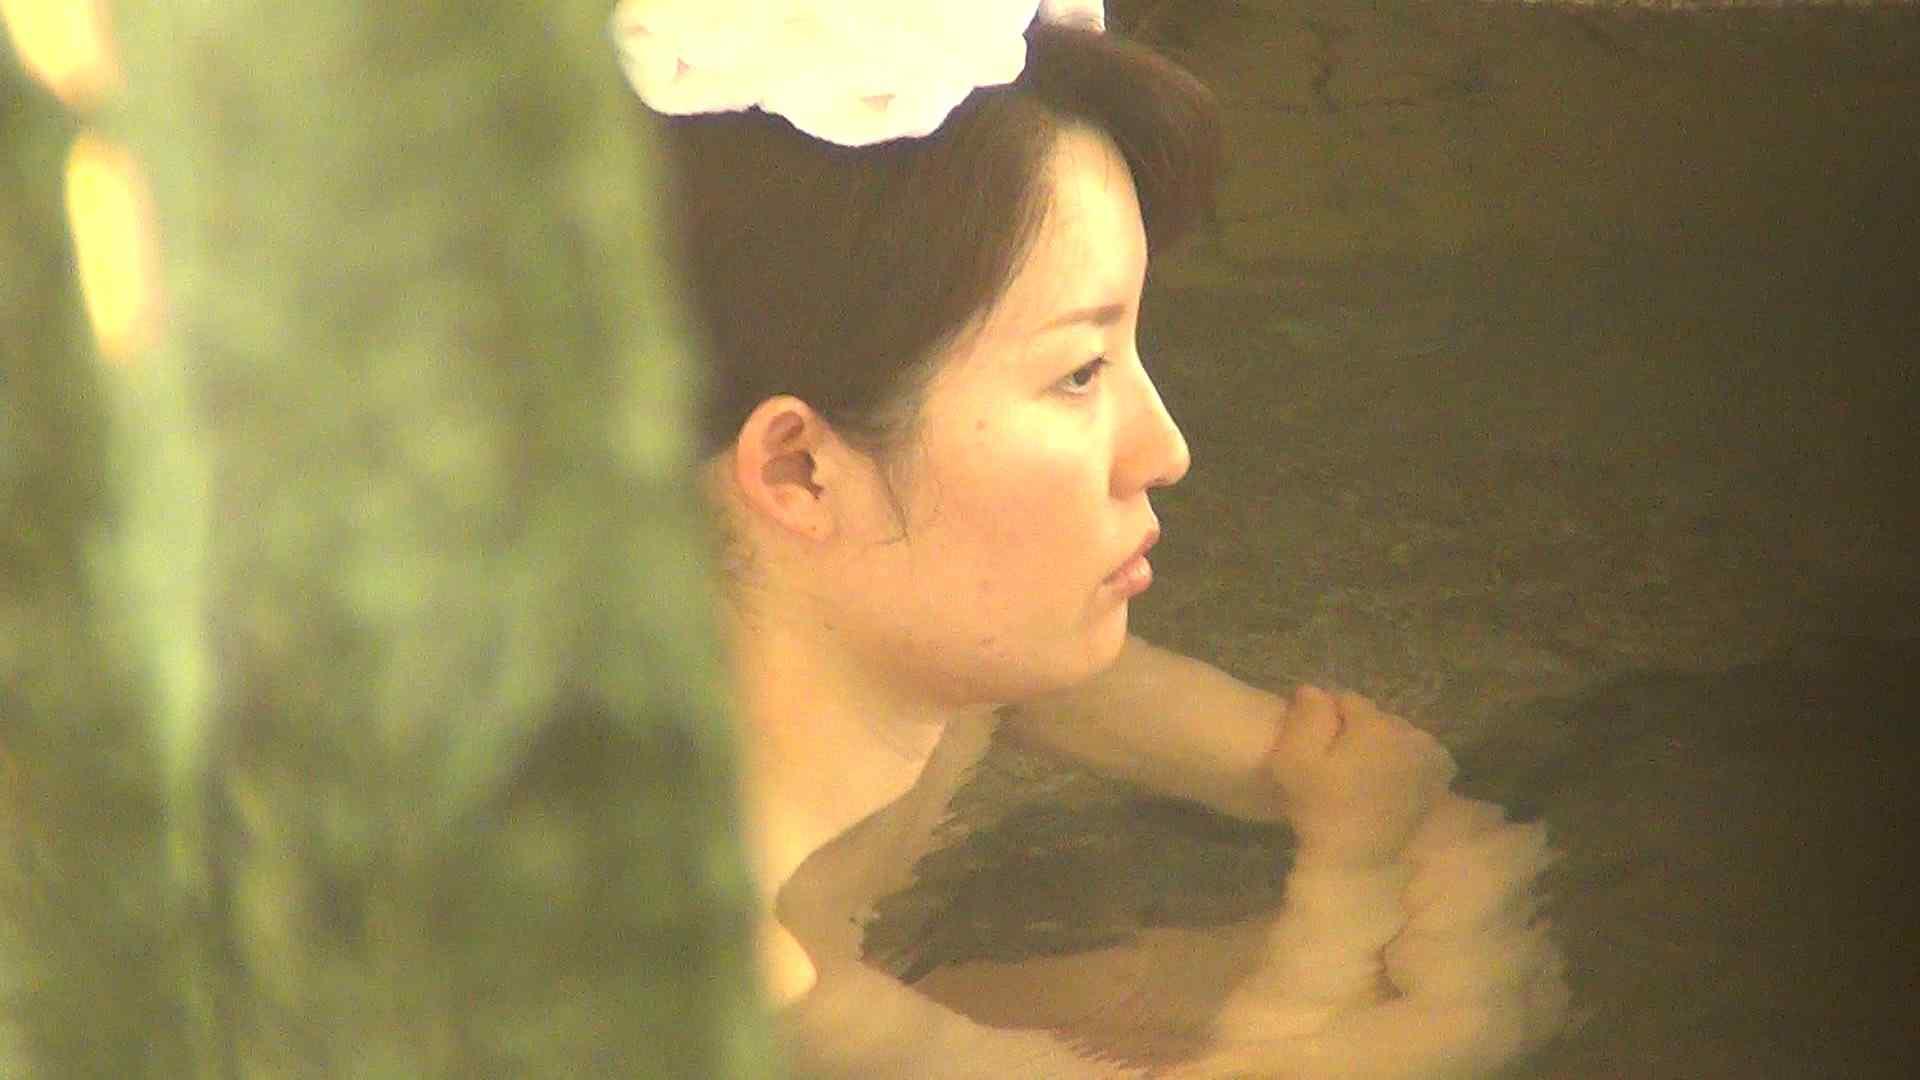 Aquaな露天風呂Vol.301 露天 | 盗撮  85画像 76